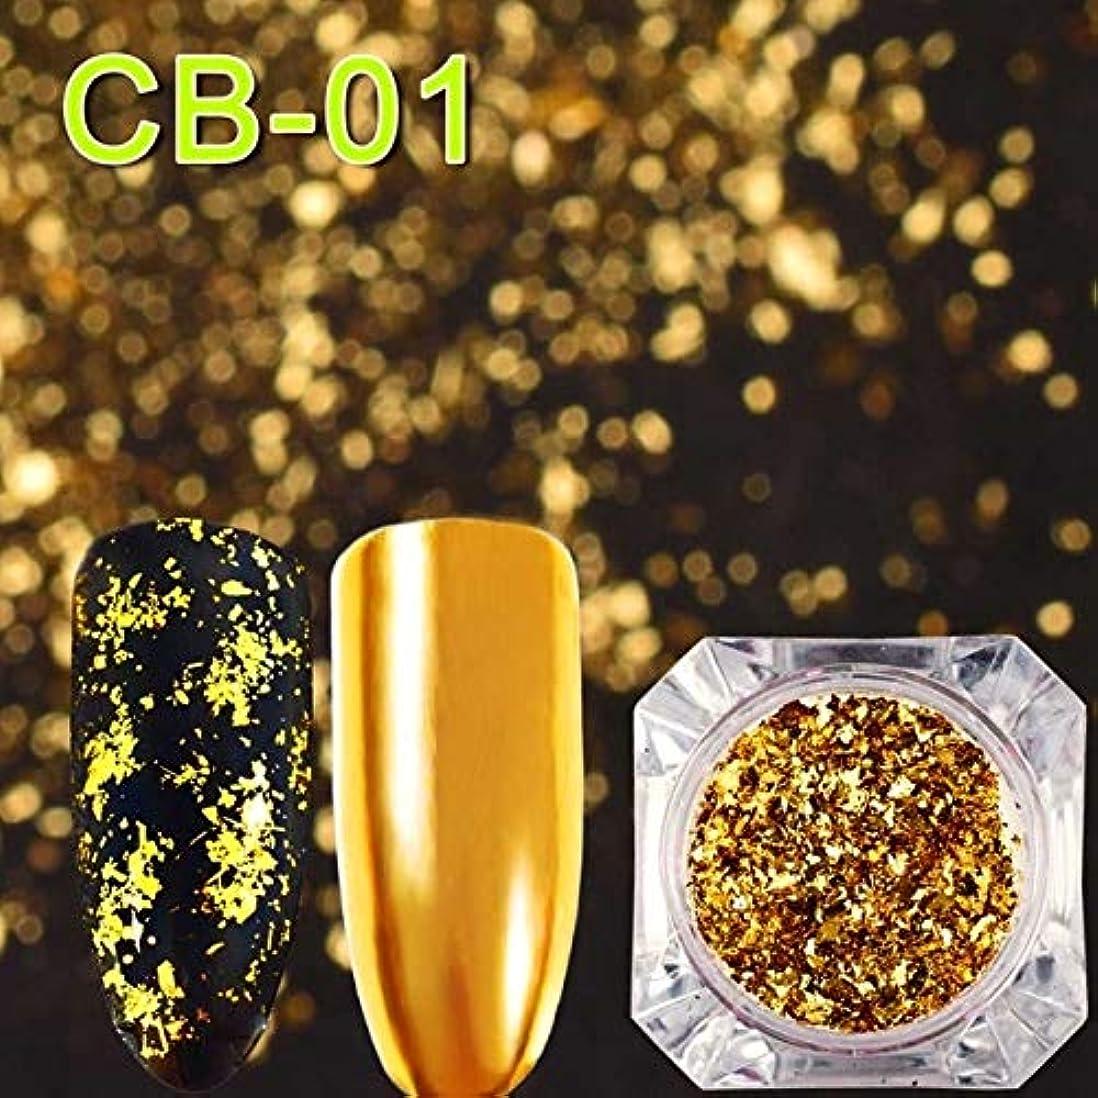 つまらない美容師気球CELINEZL CELINEZL 3 PCSマジックミラーカメレオングリッターネイルフレークスパンコール不規則なネイルデコレーション(CB01) (色 : CB01)